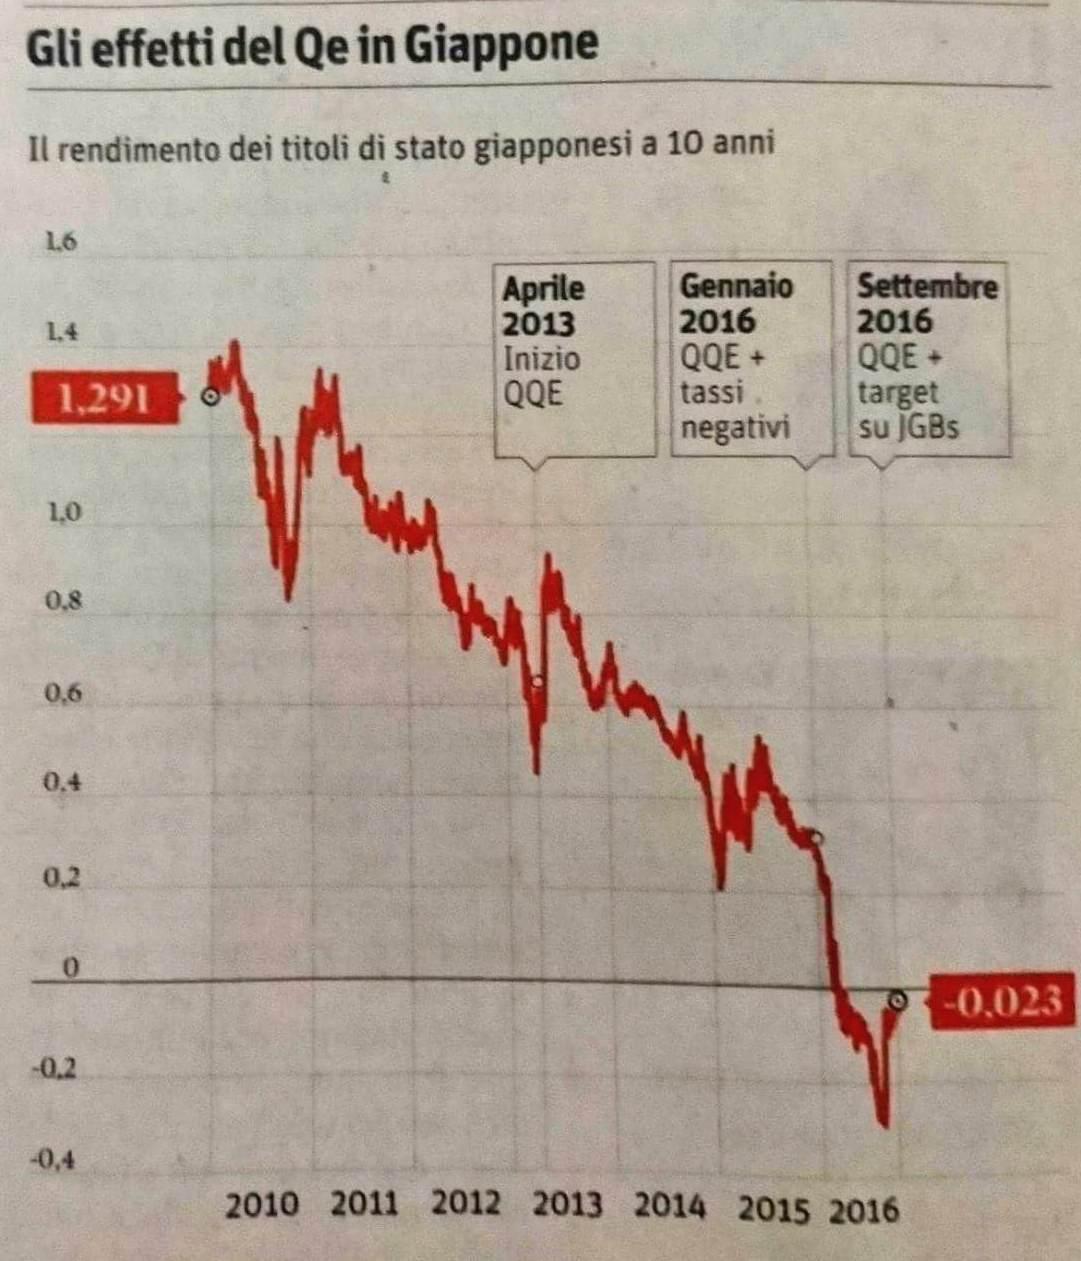 Grafico sul rendimento dei titoli di stato giapponesi